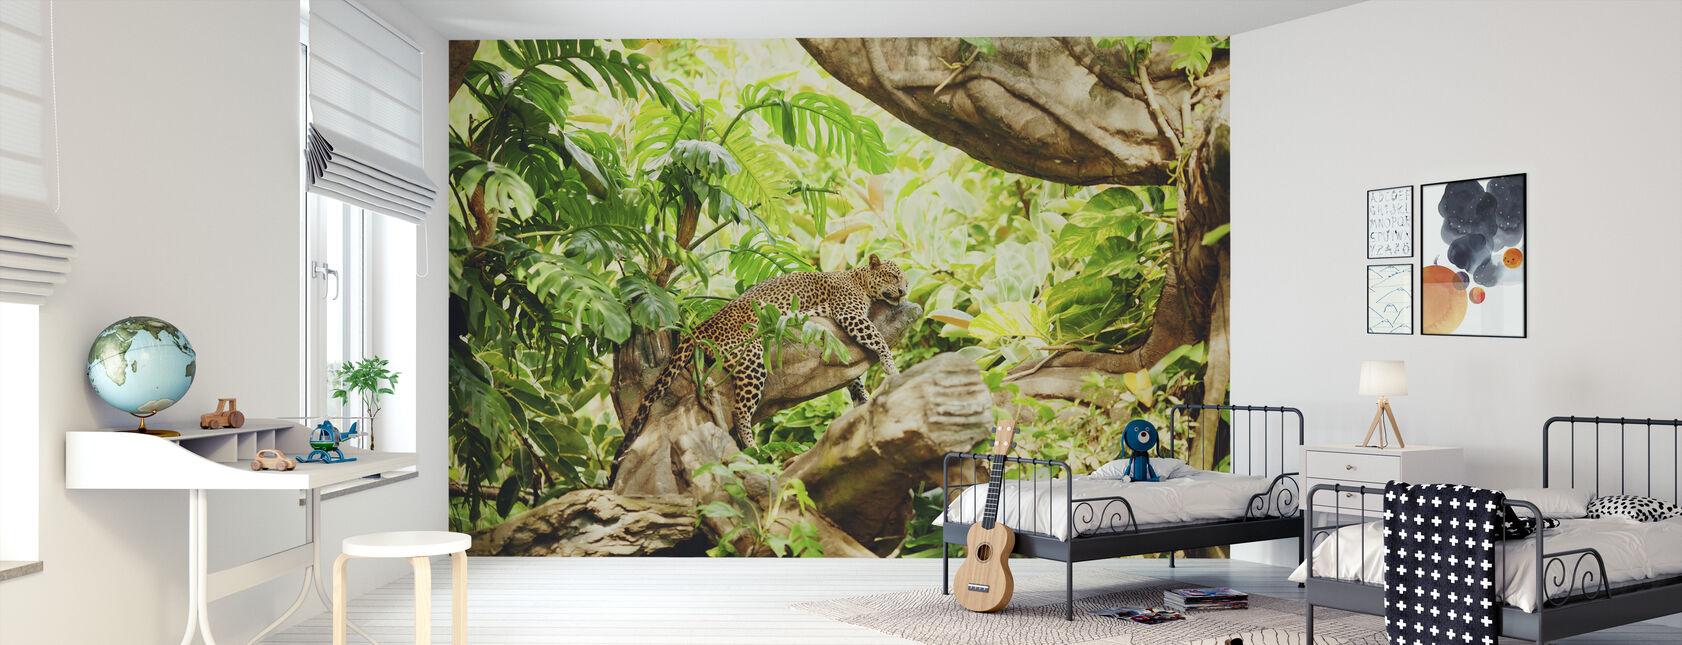 Leopardi Dozing viidakossa - Tapetti - Lastenhuone